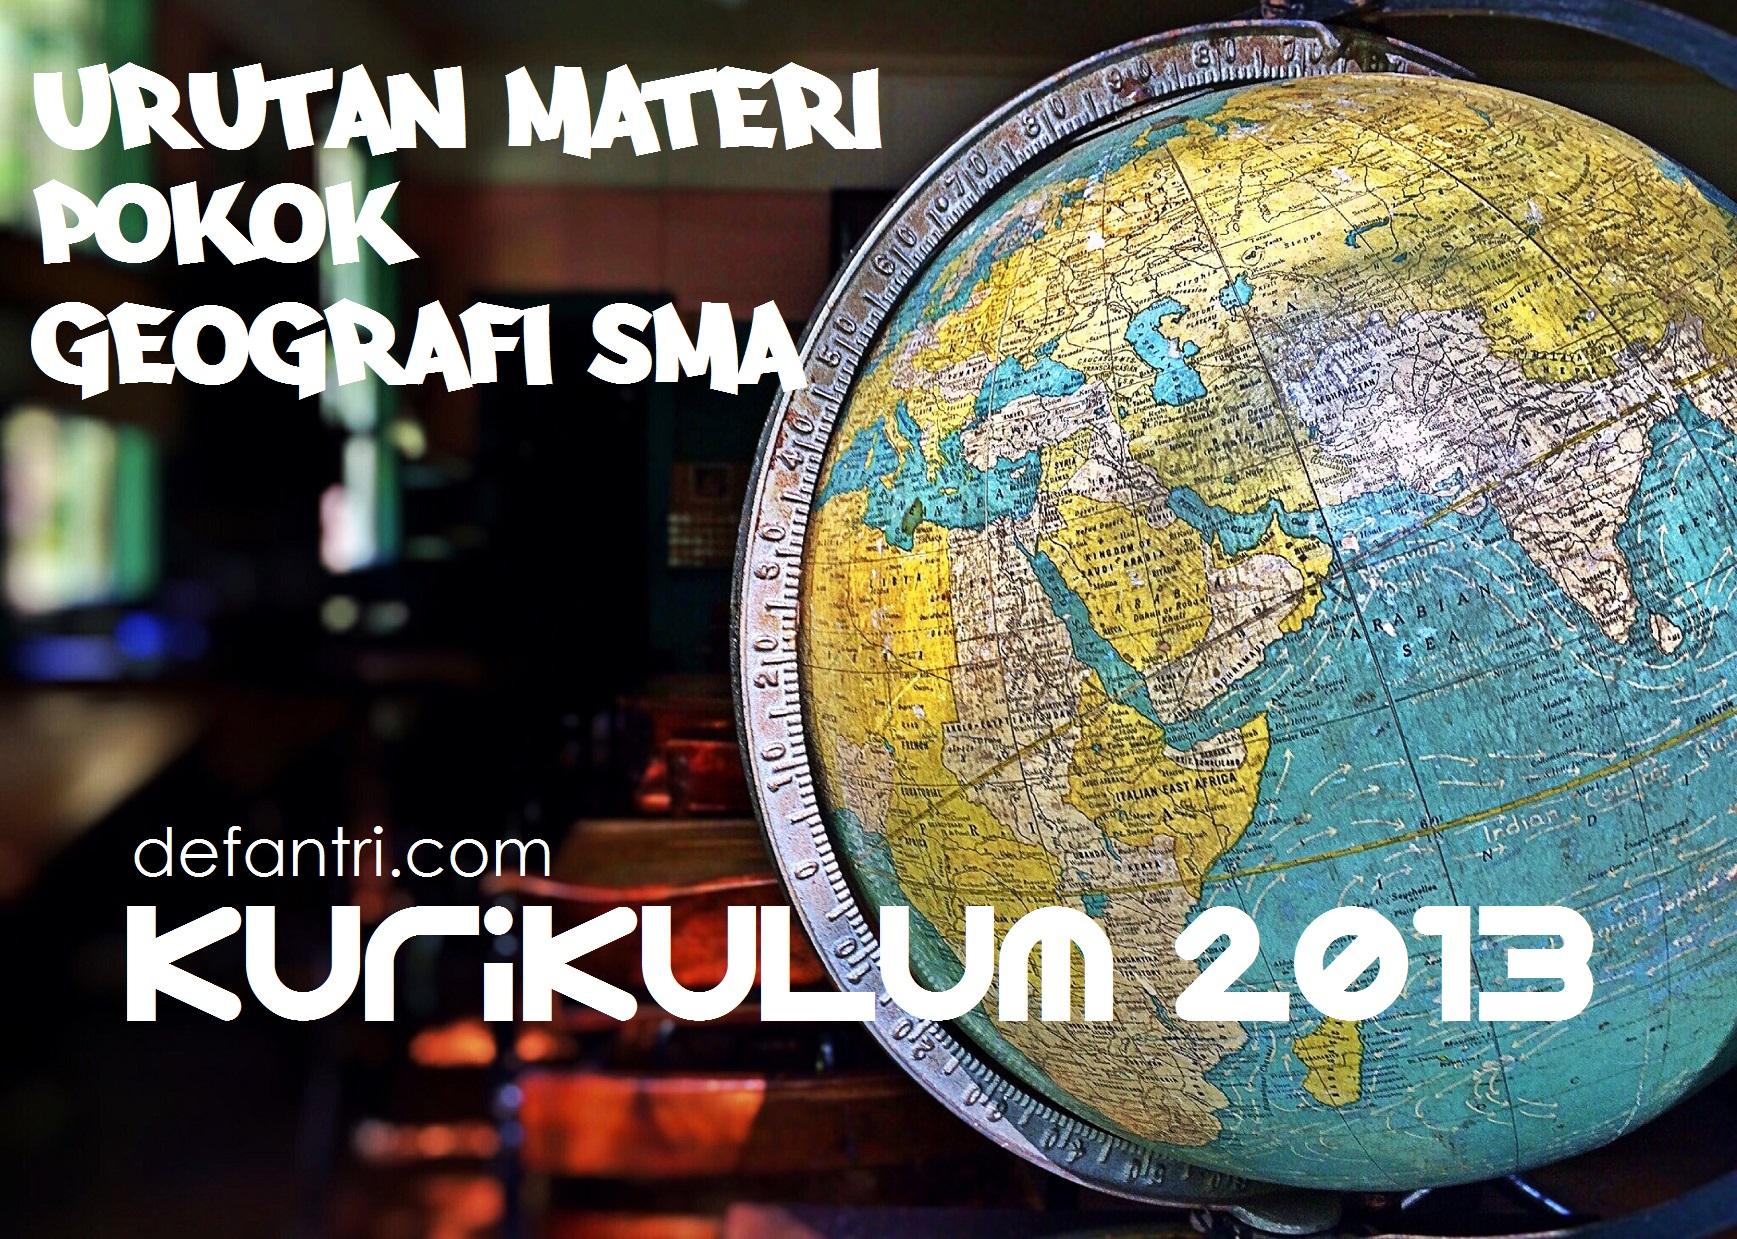 Urutan Materi Pokok Pembelajaran Geografi SMA Kurikulum 2013